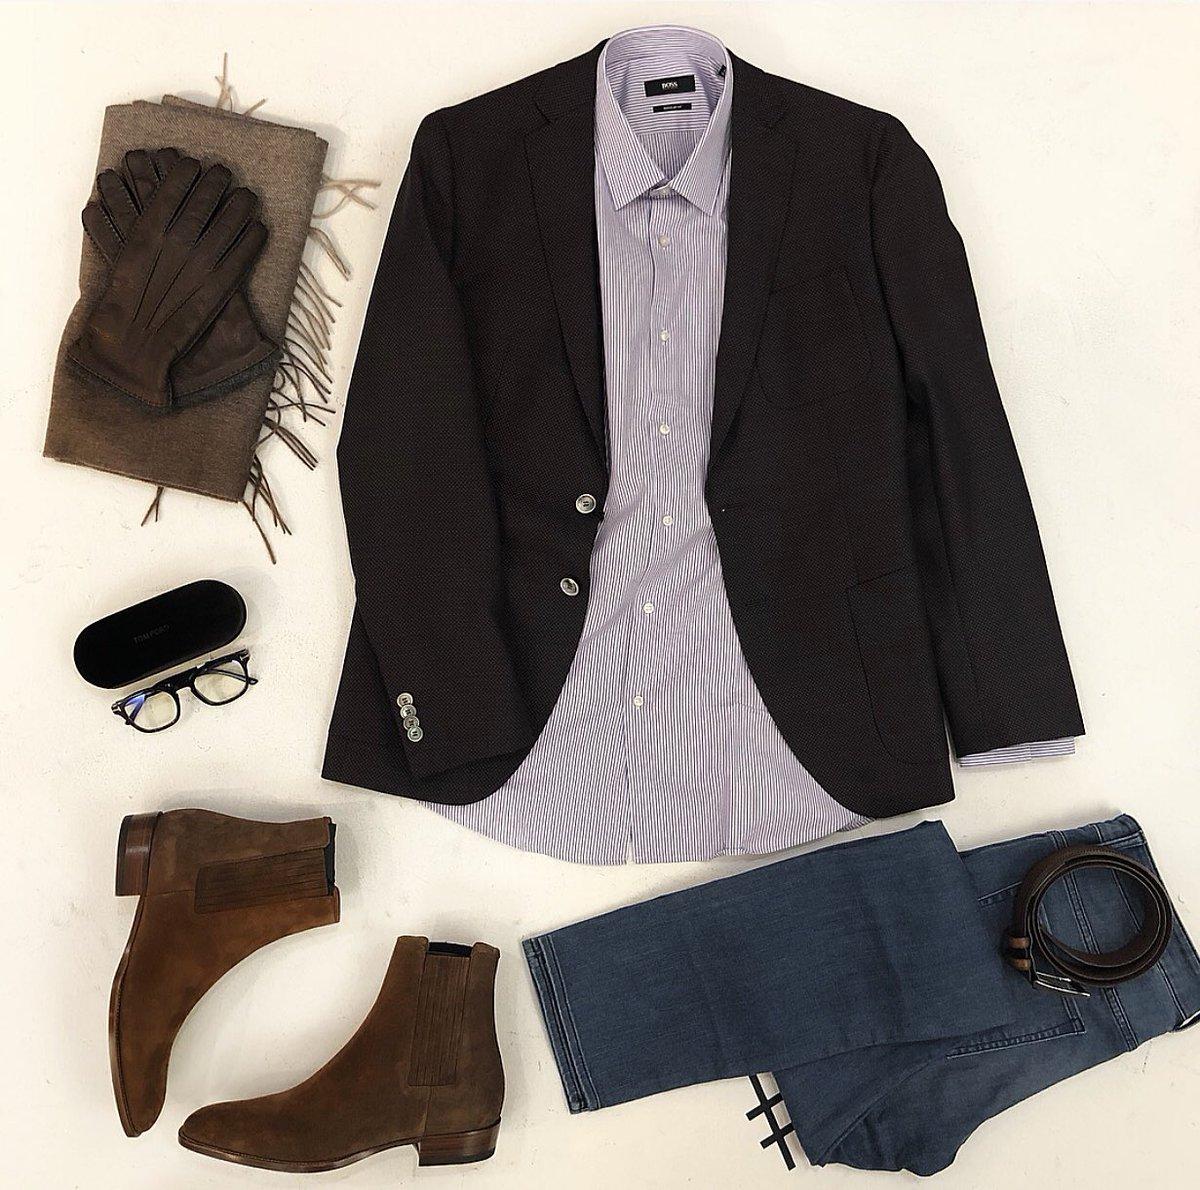 b124f21da12 Style of the day - Casual Layout Blazer: Hugo Boss Shirt: Hugo Boss Jeans: Hugo  Boss Belt: Saks Brand Scarf & Gloves: Saks Brand Glasses: Tom Ford Boots:  ...